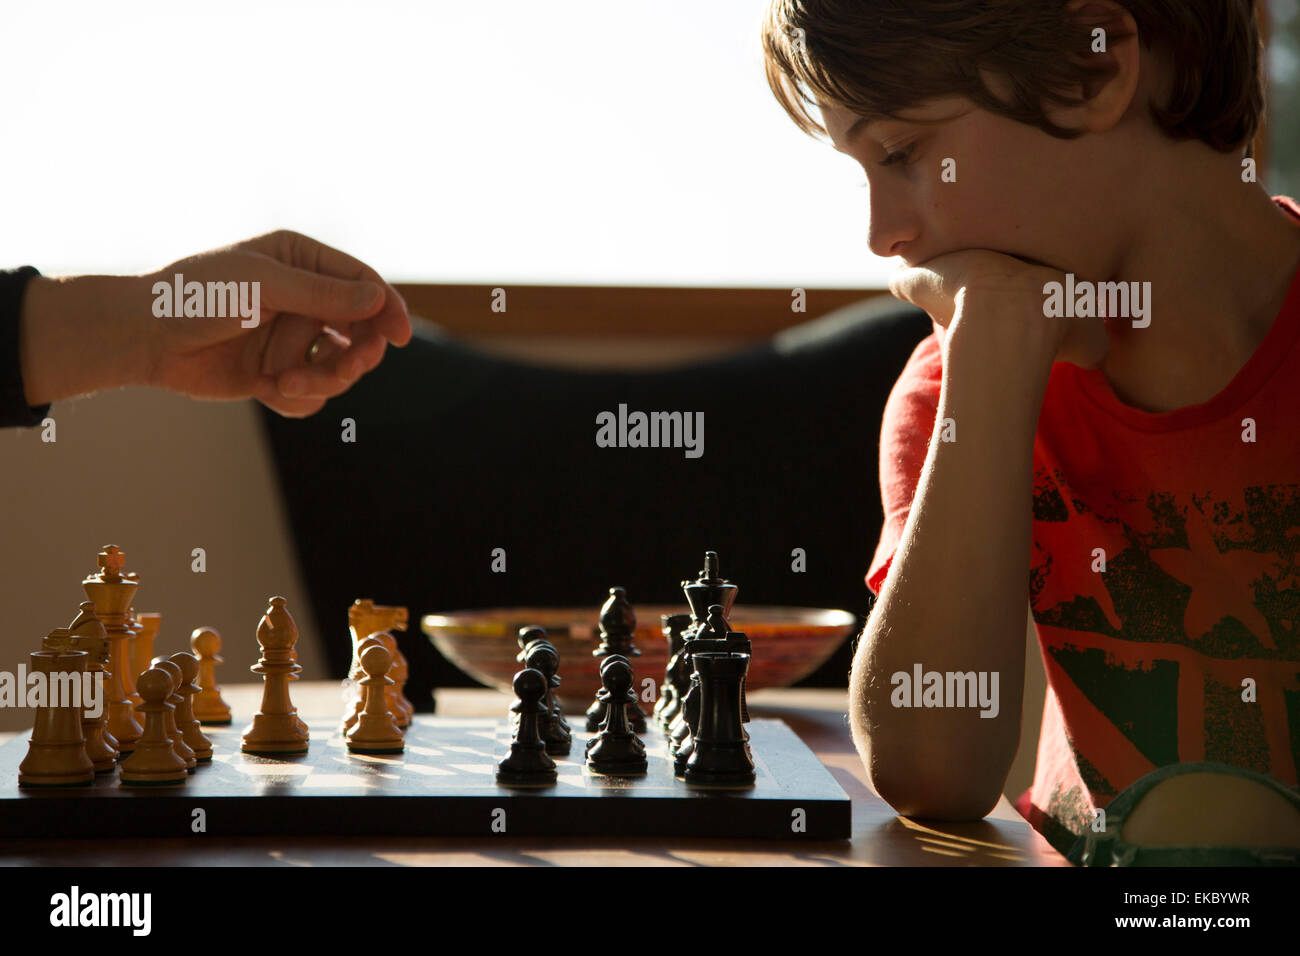 Père et fils joue une partie de échecs Banque D'Images